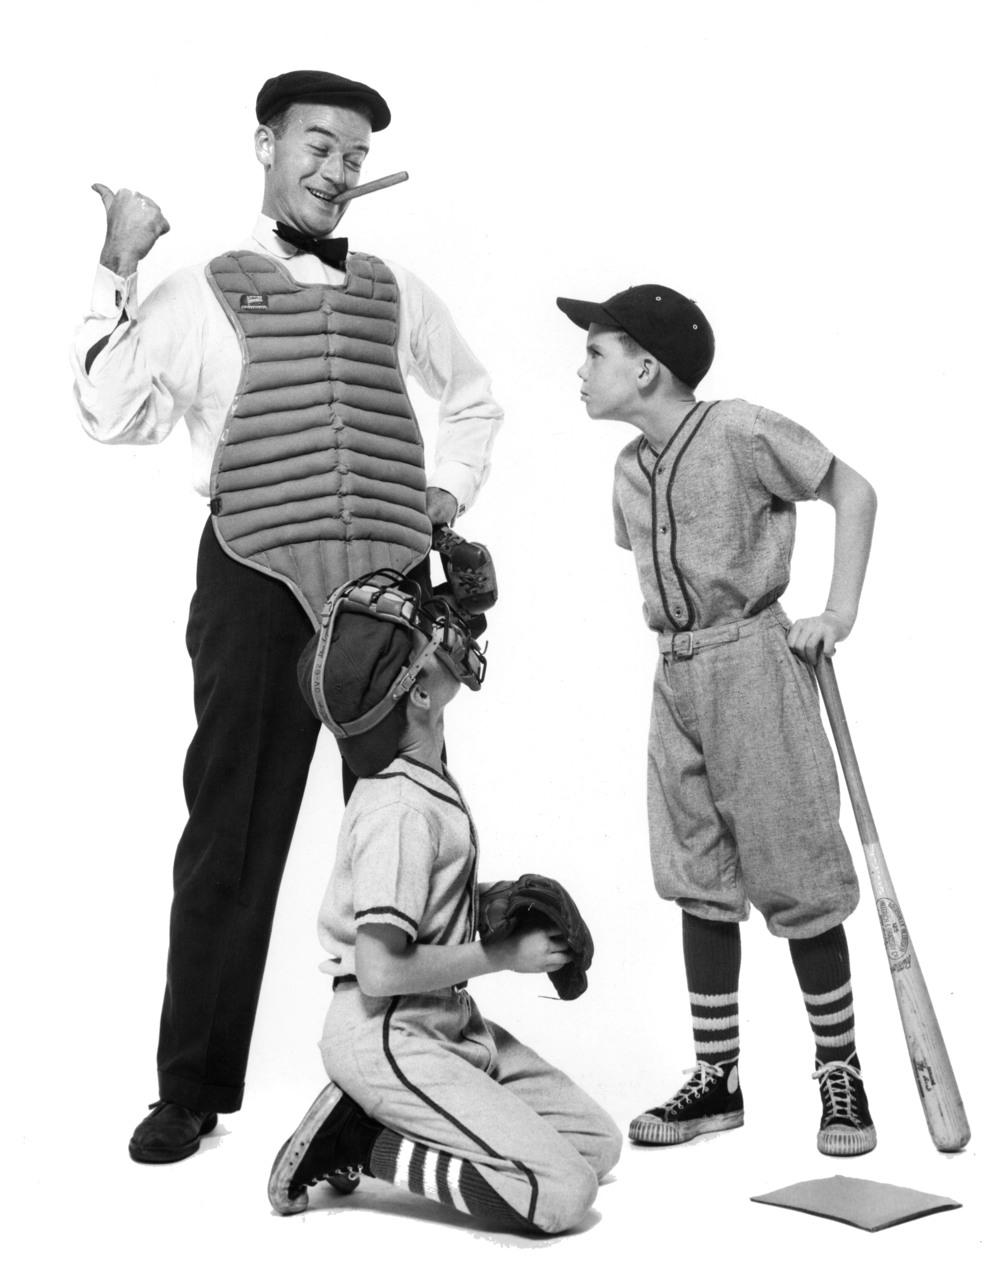 Dan Wynn Book_dw_baseball kids & ump.jpeg